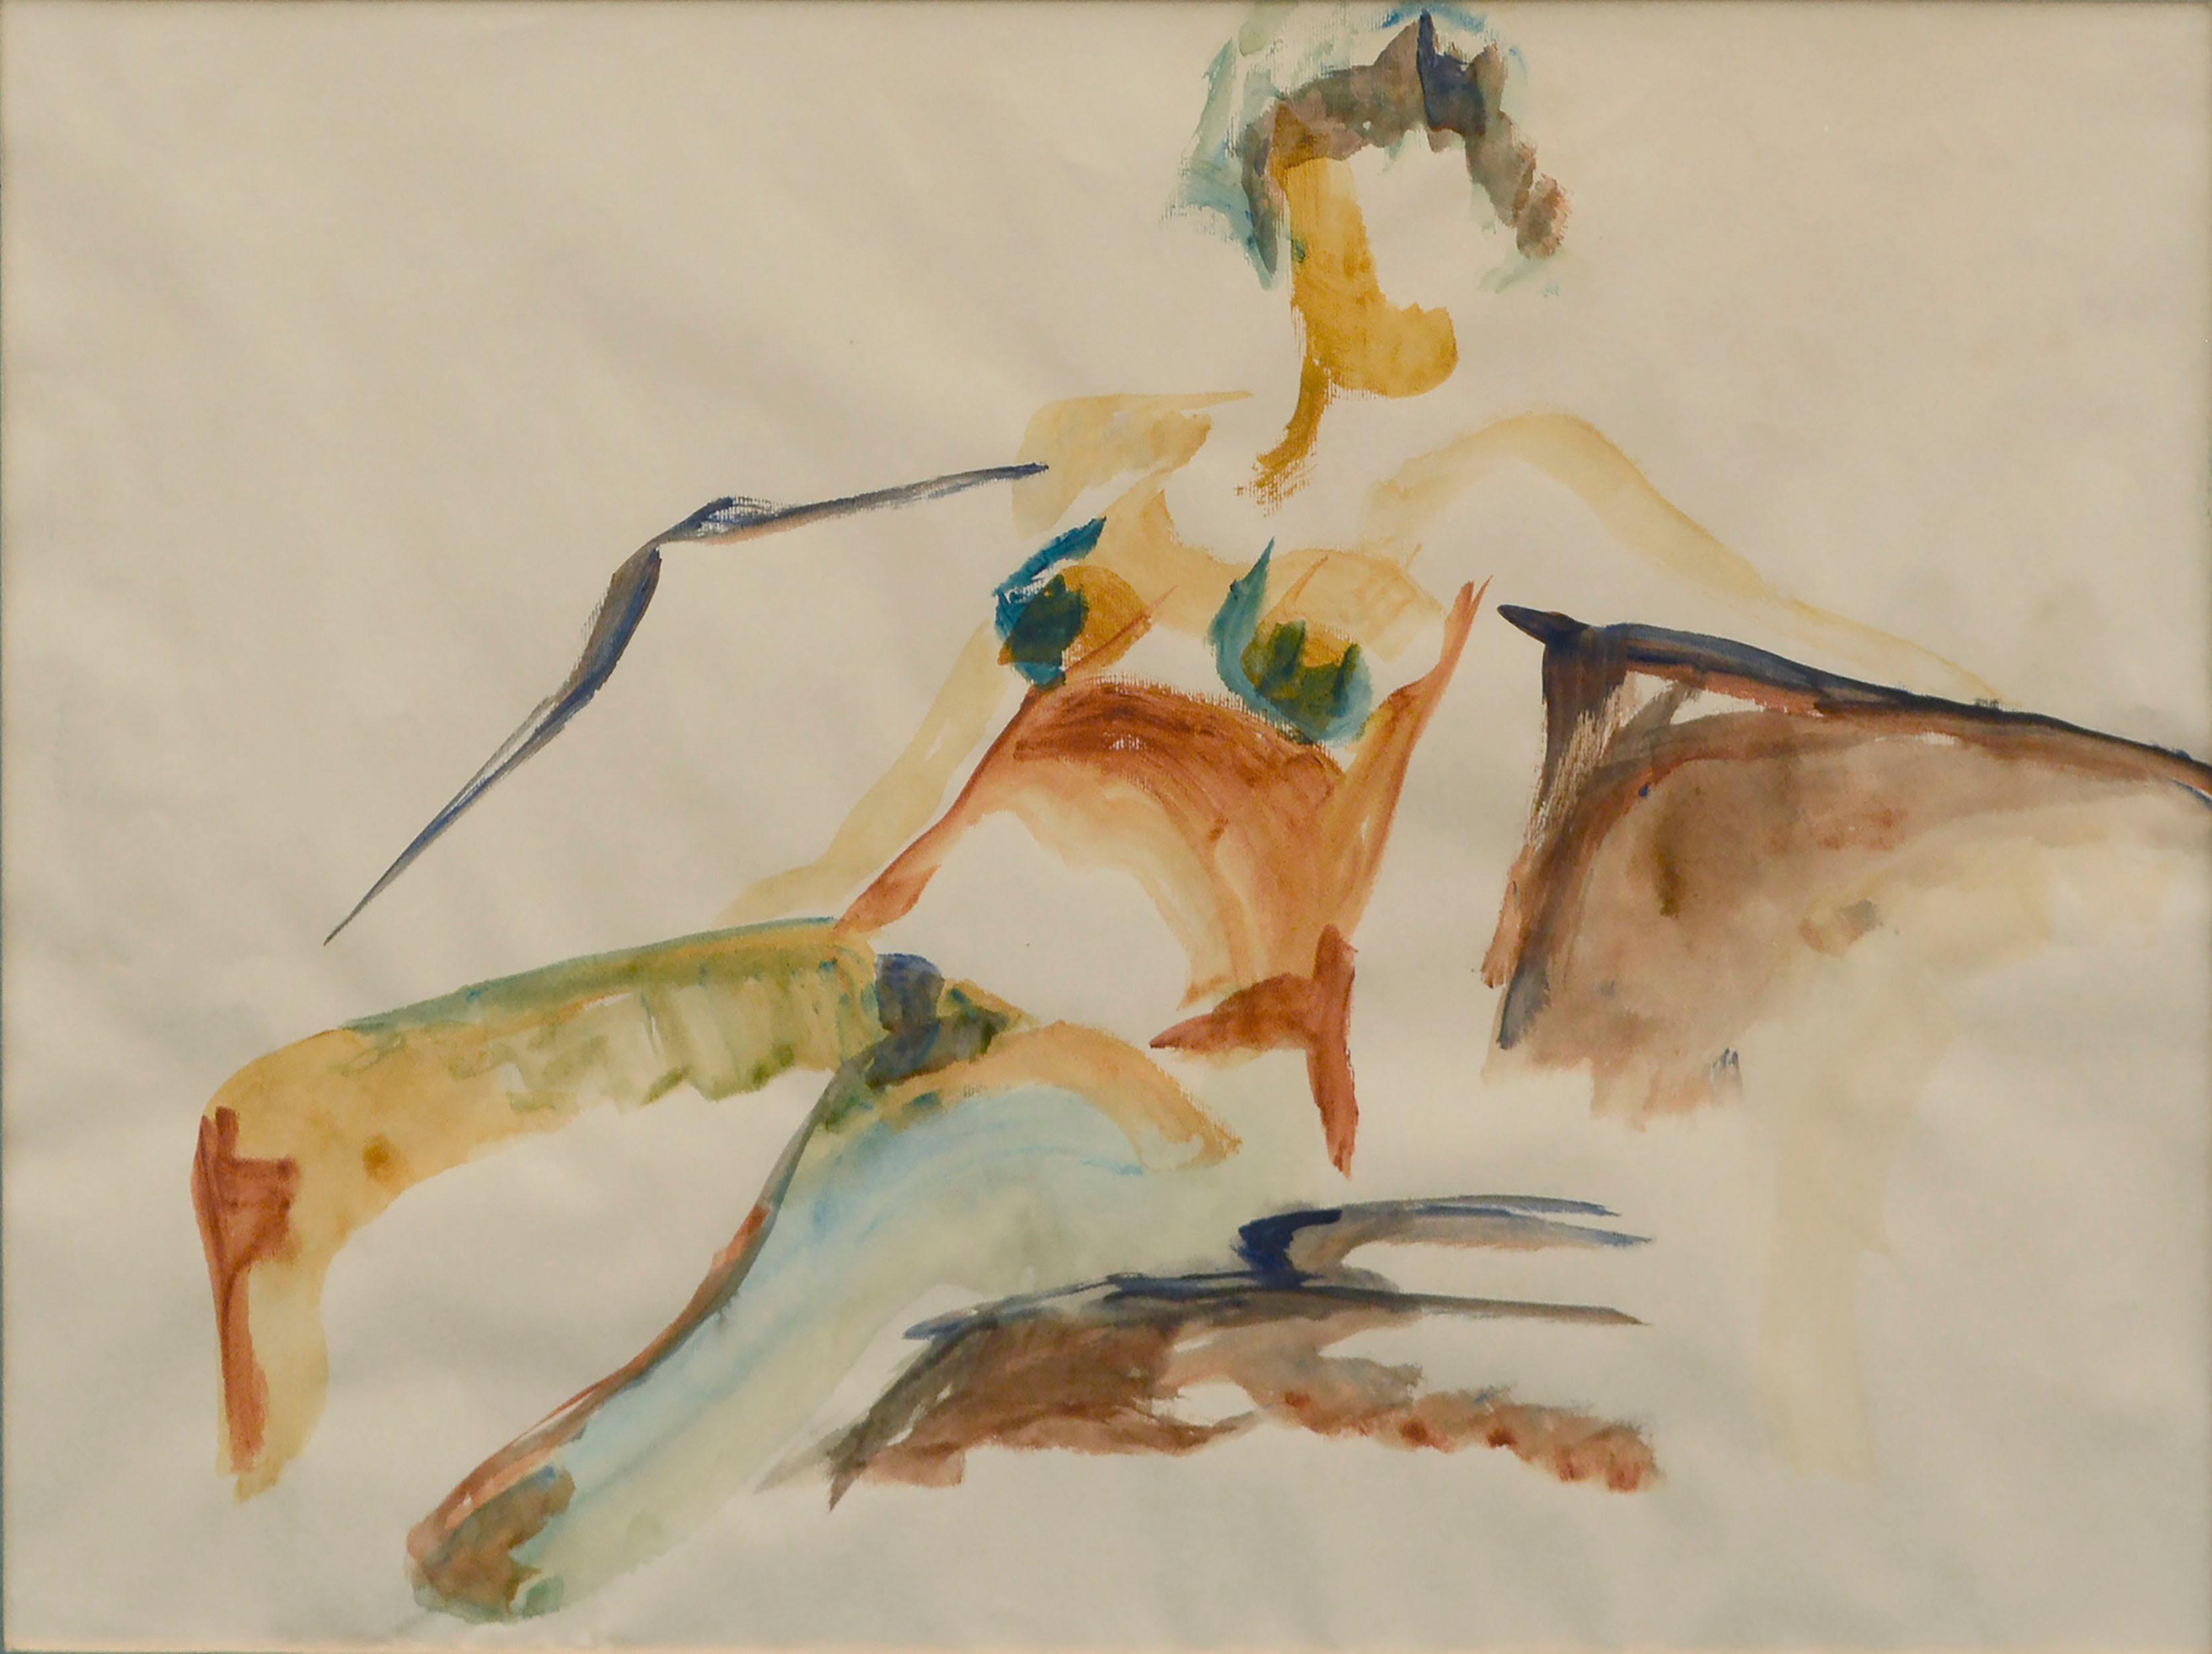 Seated Nude Figure